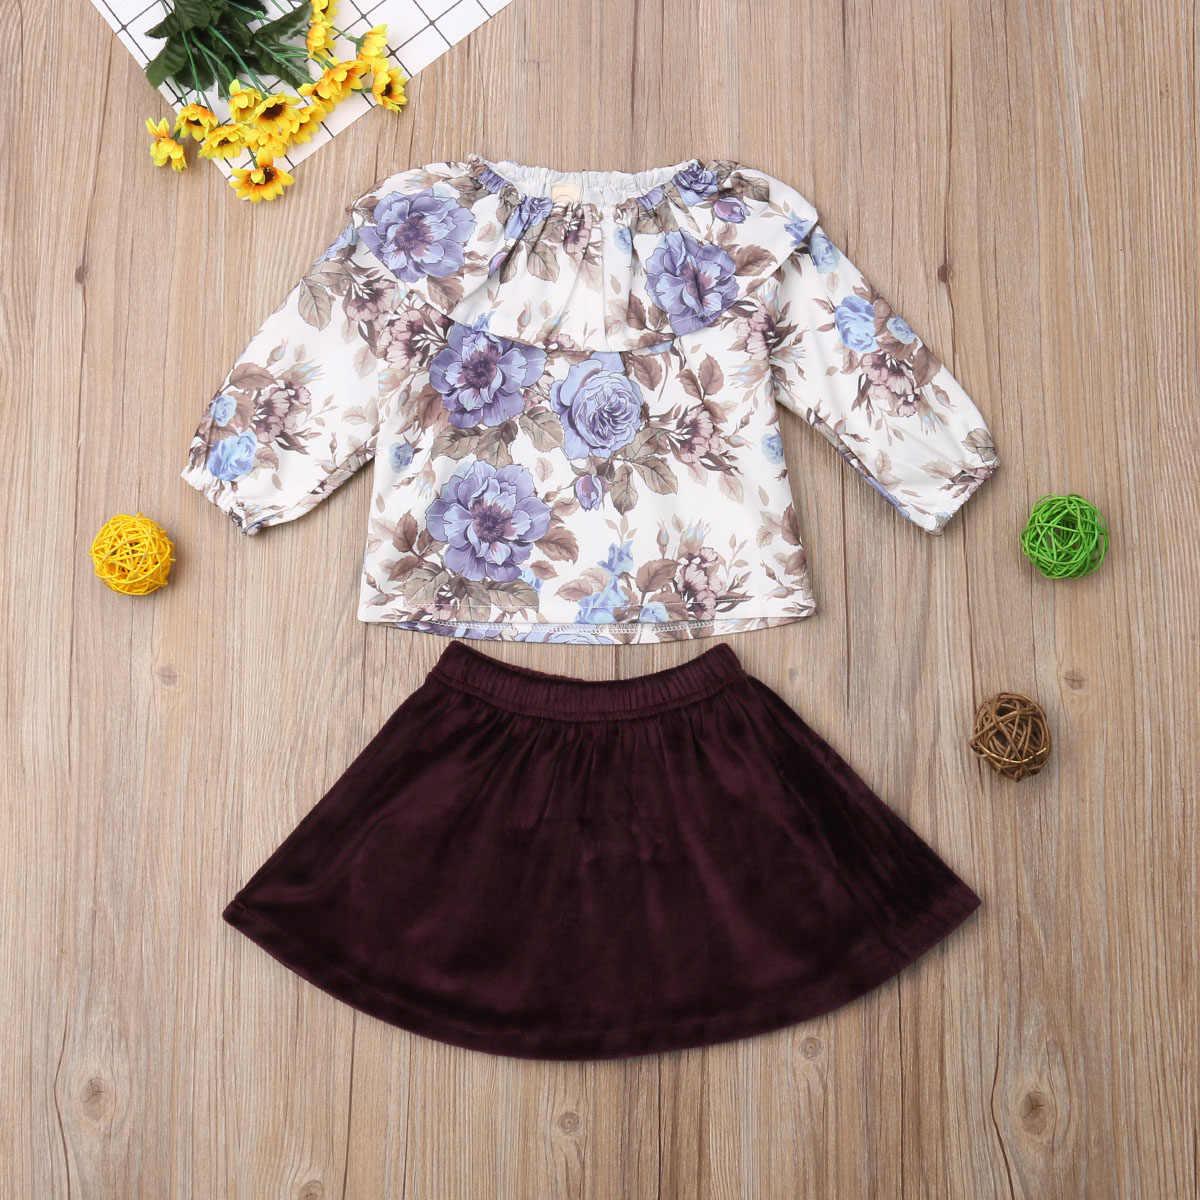 CANSI 2019 ラブリー女の赤ちゃんドレス衣装 2 ピース人形襟トップ tシャツ + スカートセット幼児服セット 6 メートル-4 t